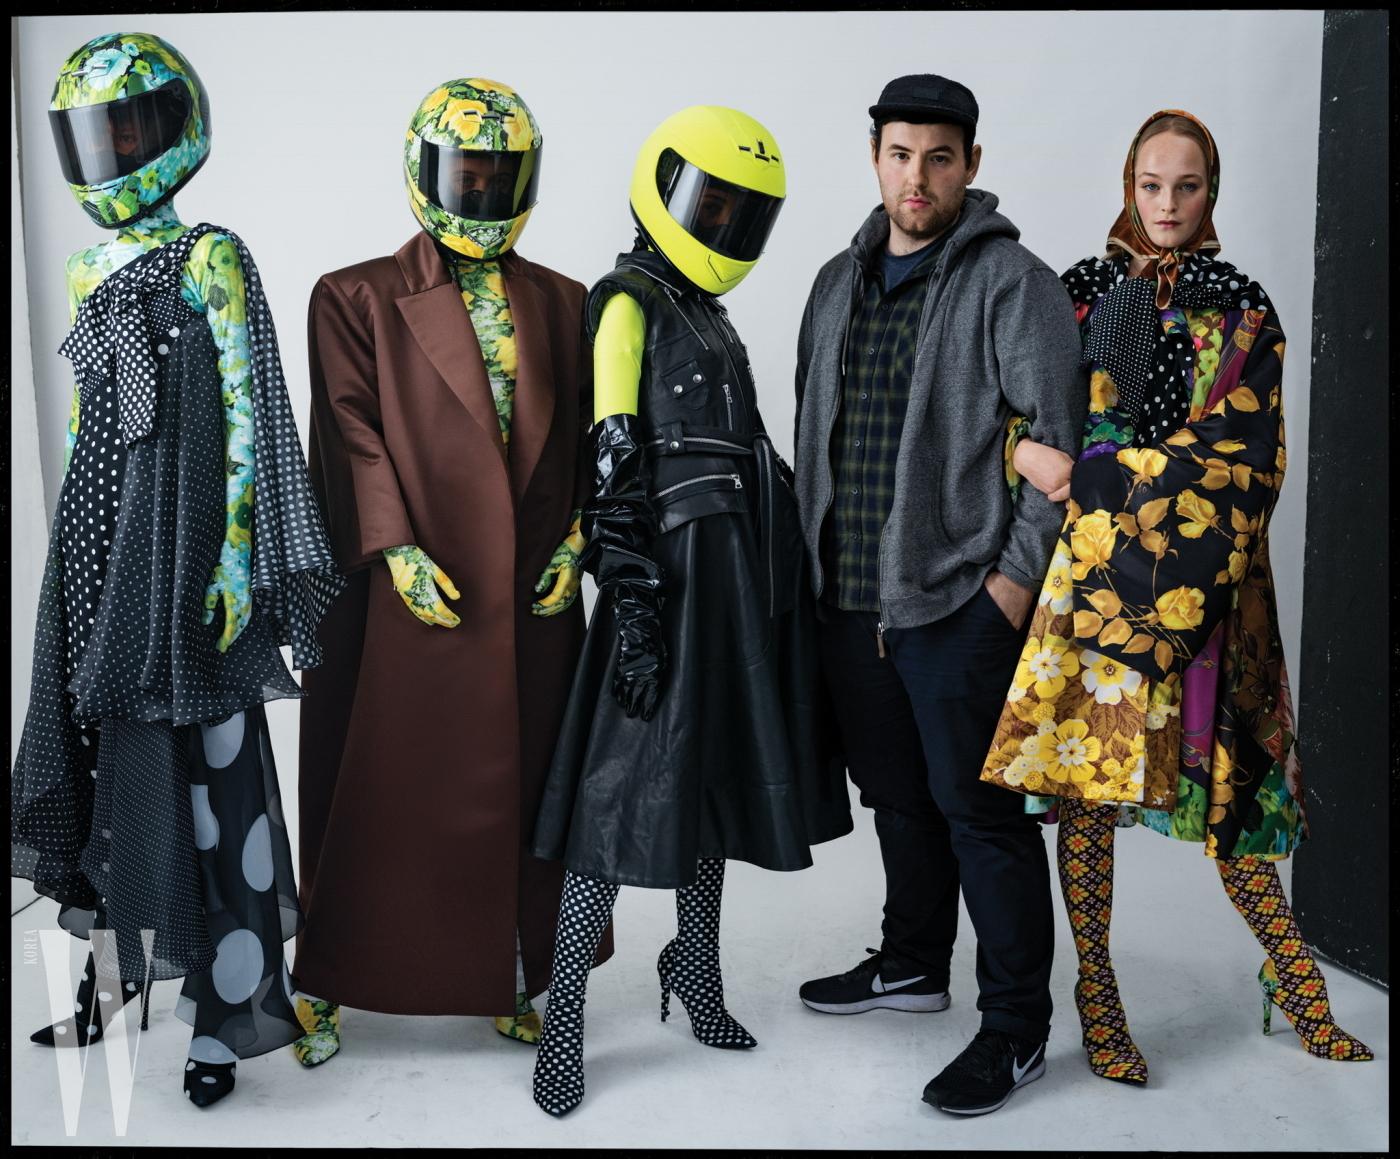 맨 오른쪽에 있는 모델 진 캠벨과 나머지 모델들의 룩은 모두 리처드 퀸. 리처드 퀸이 입은 옷은 개인 소장품.